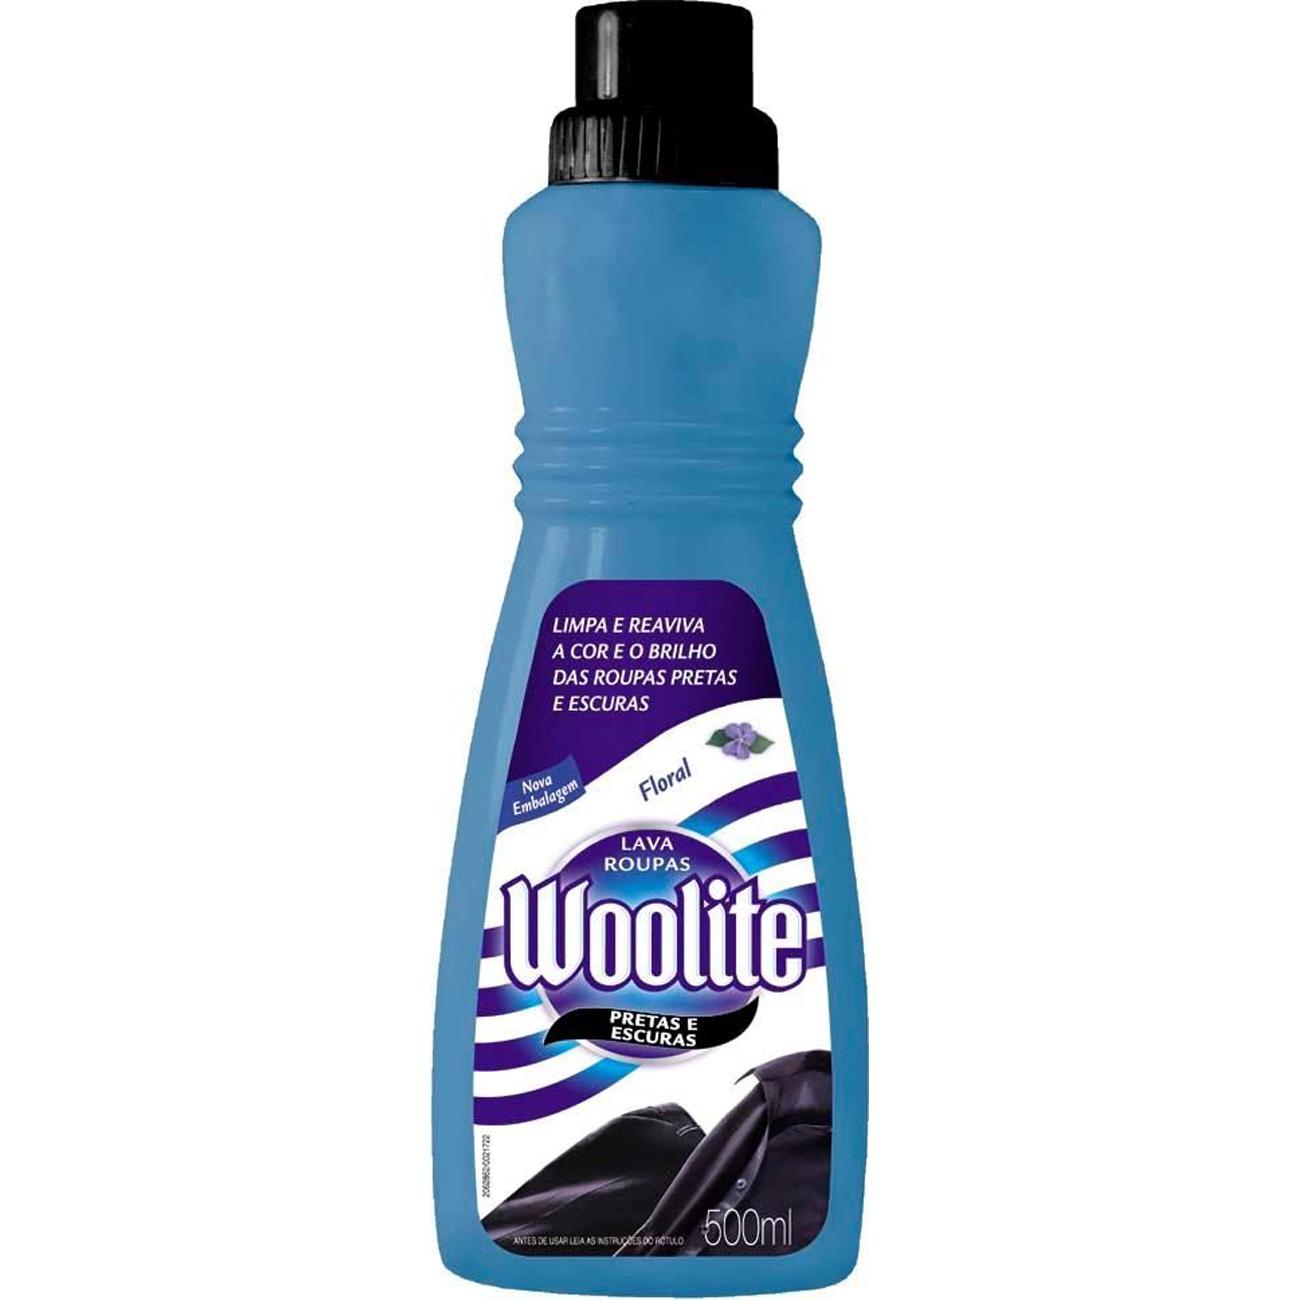 Lava Roupa Líquido Woolite 450Ml Pretas/Escuras